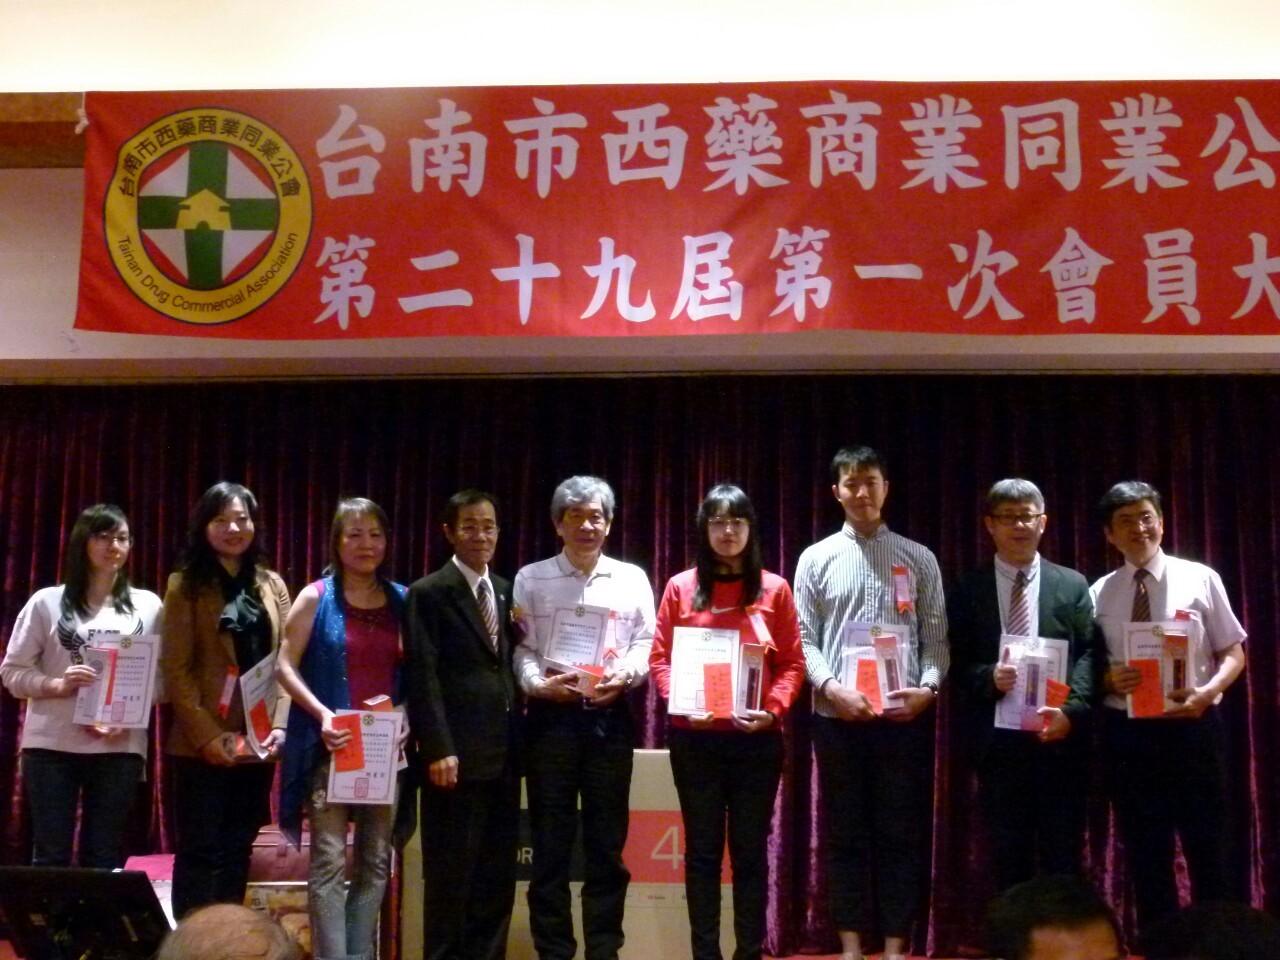 台南市西藥商業同業公會第29屆第一次會員大會_200114_0129